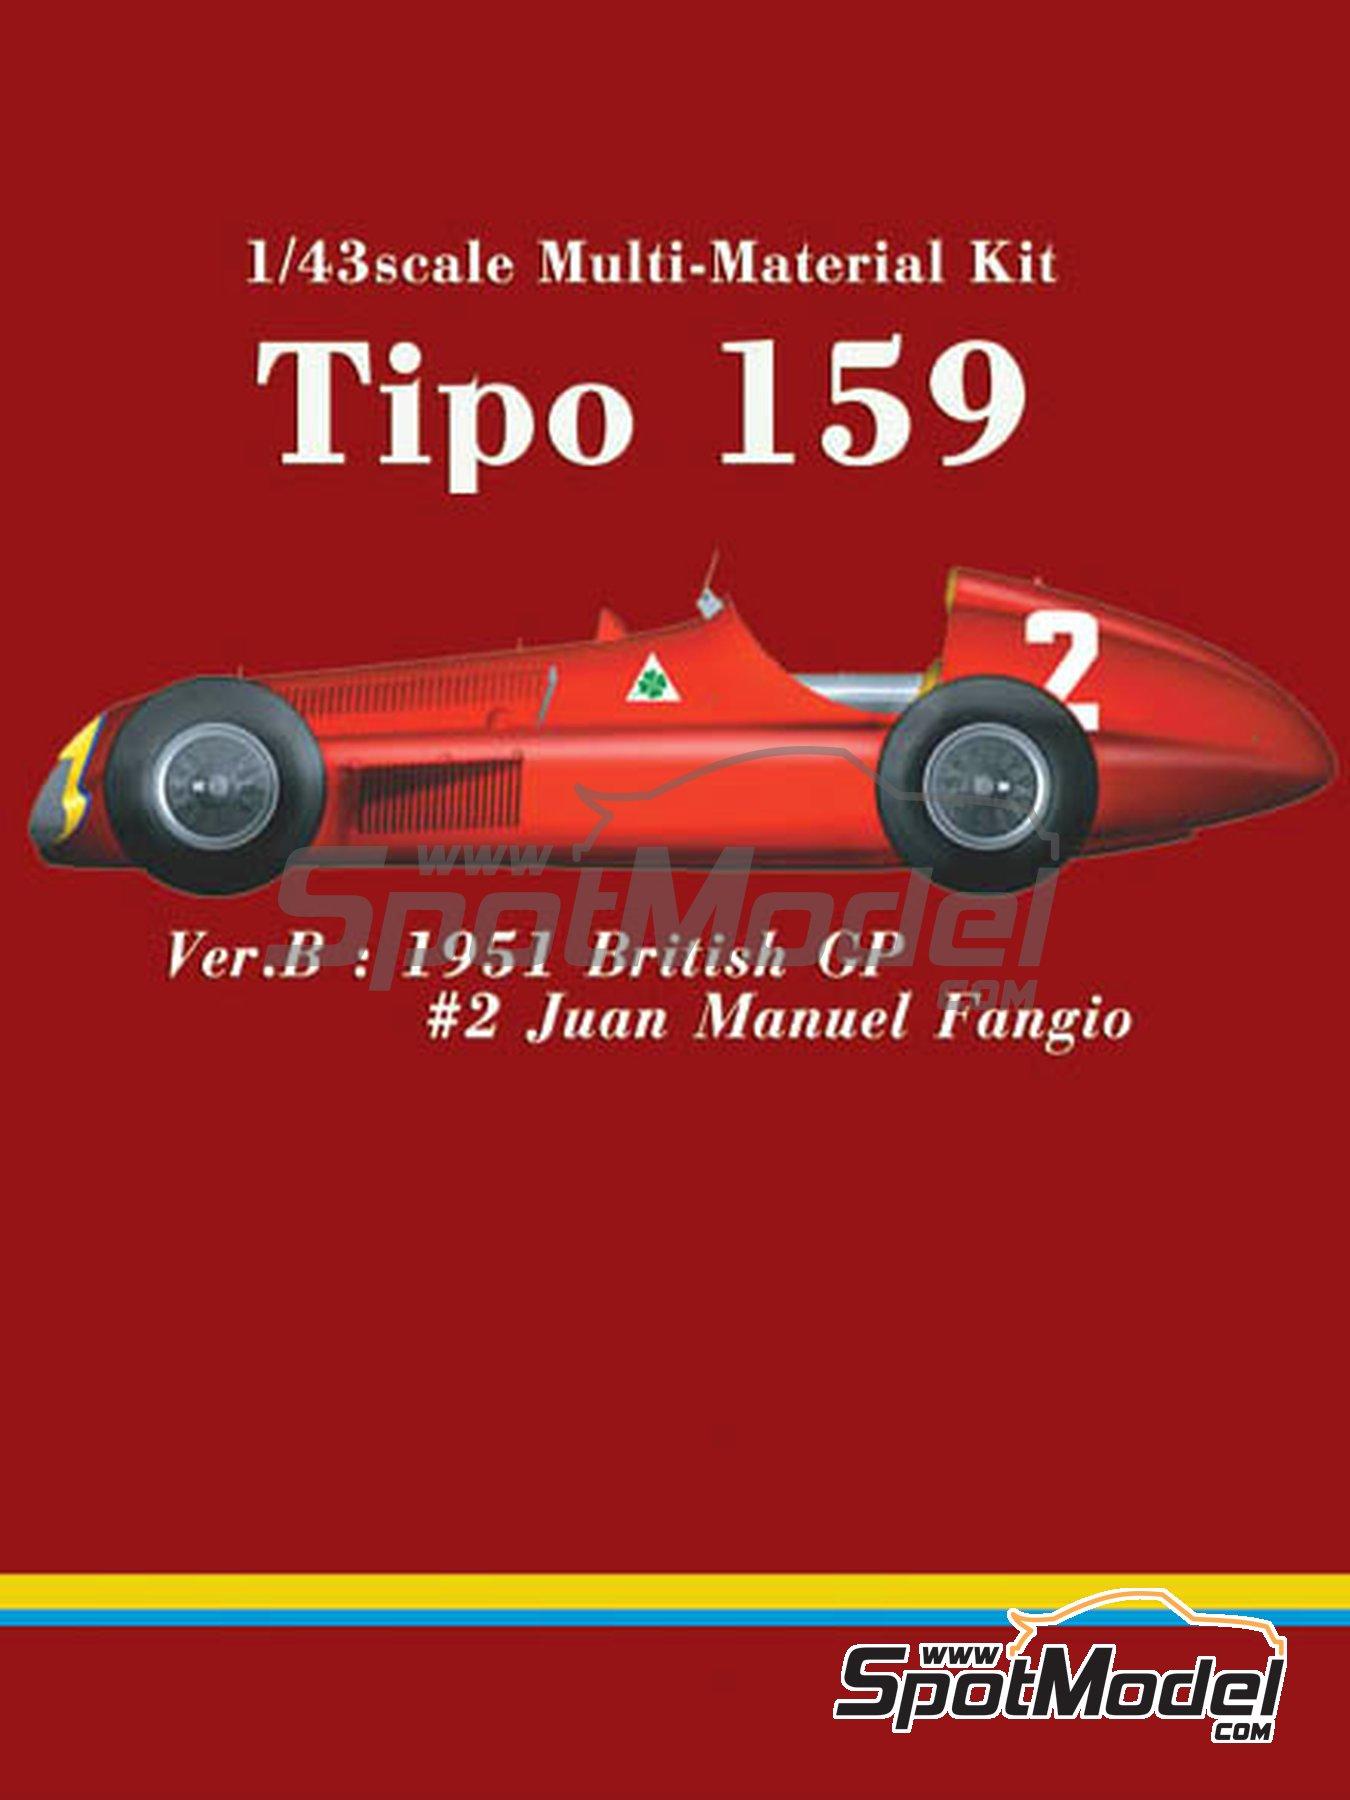 Alfa Romeo Tipo 159 - Gran Premio de Fórmula 1 de Inglaterra 1951 | Maqueta de coche en escala1/43 fabricado por Model Factory Hiro (ref.MFH-K388, tambien K-388) image